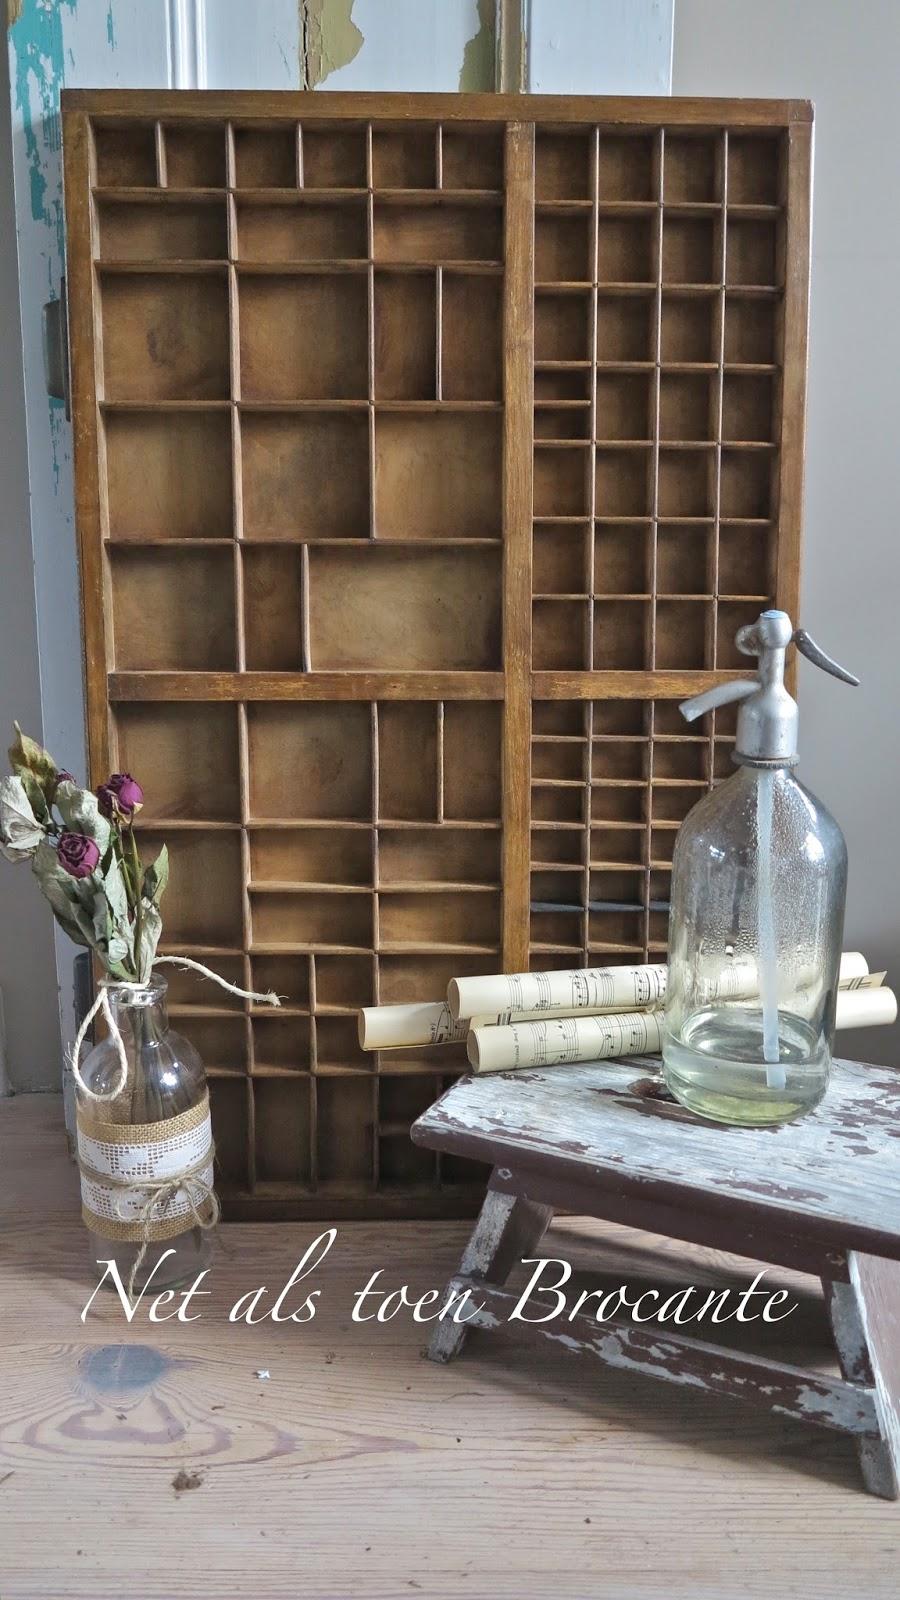 Ouderwetse Keukenspullen : Mijn huis, Mijn leven!: Nieuwe brocante webshop: Net als toen Brocante